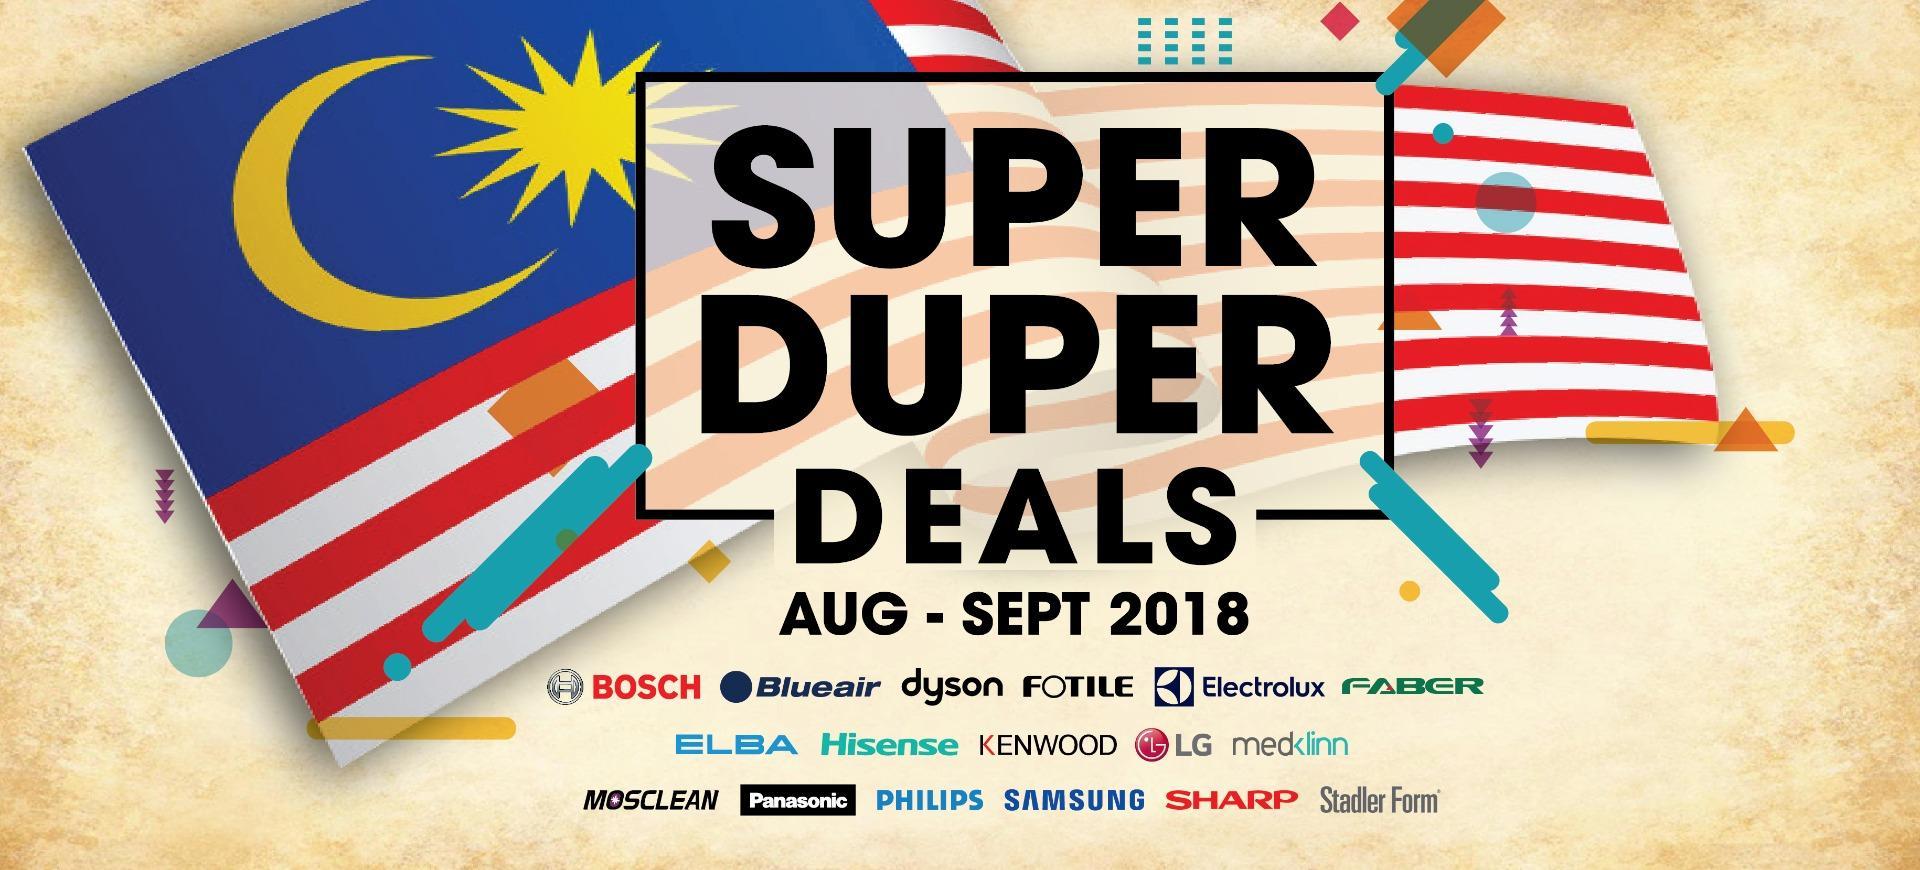 7cbb4f4561b6e Tan Boon Ming Sdn Bhd: Super Duper Deals Aug - Sept 2018!